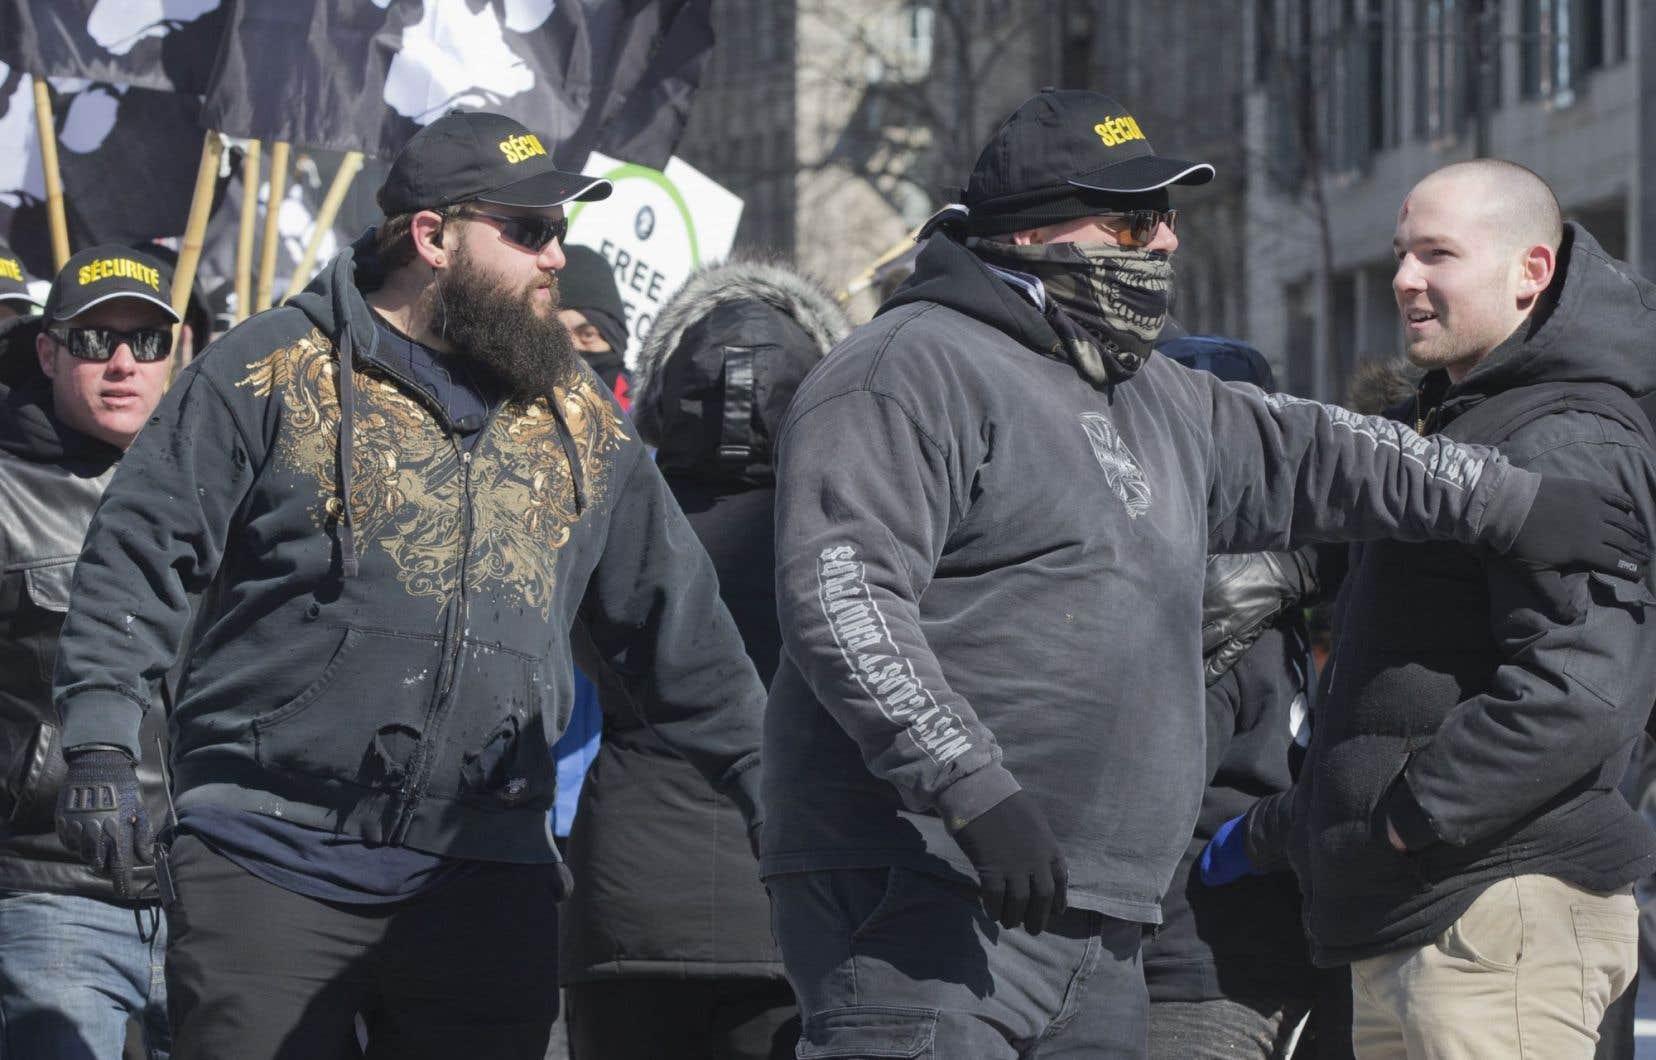 Des représentants du mouvement anti-immigration PÉGIDA Québec et du groupe anti-islamiste La Meute étaient présents.